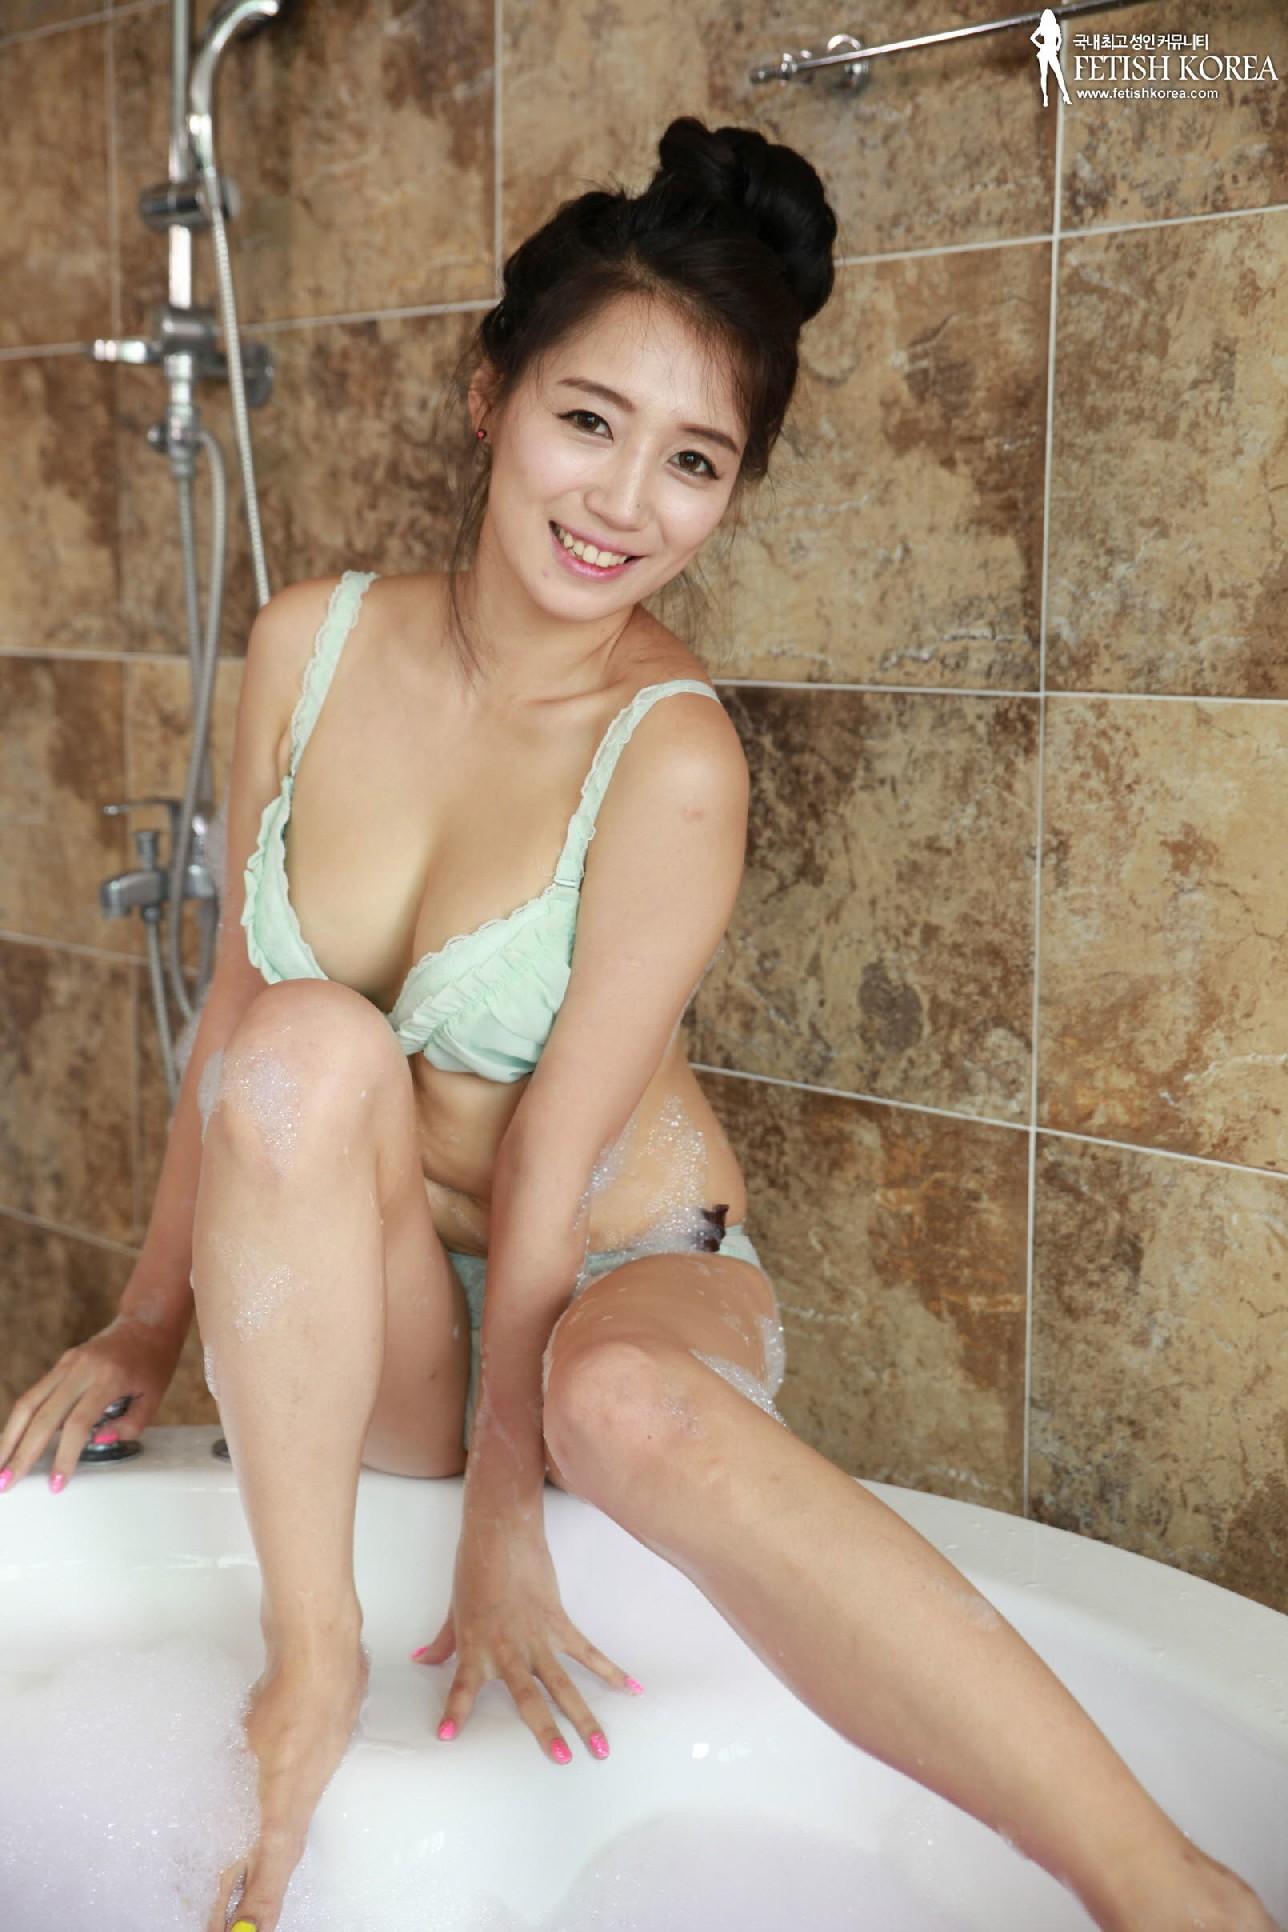 Азиатка в ванной обмазалась пеной и медленно сняла с себя трусики